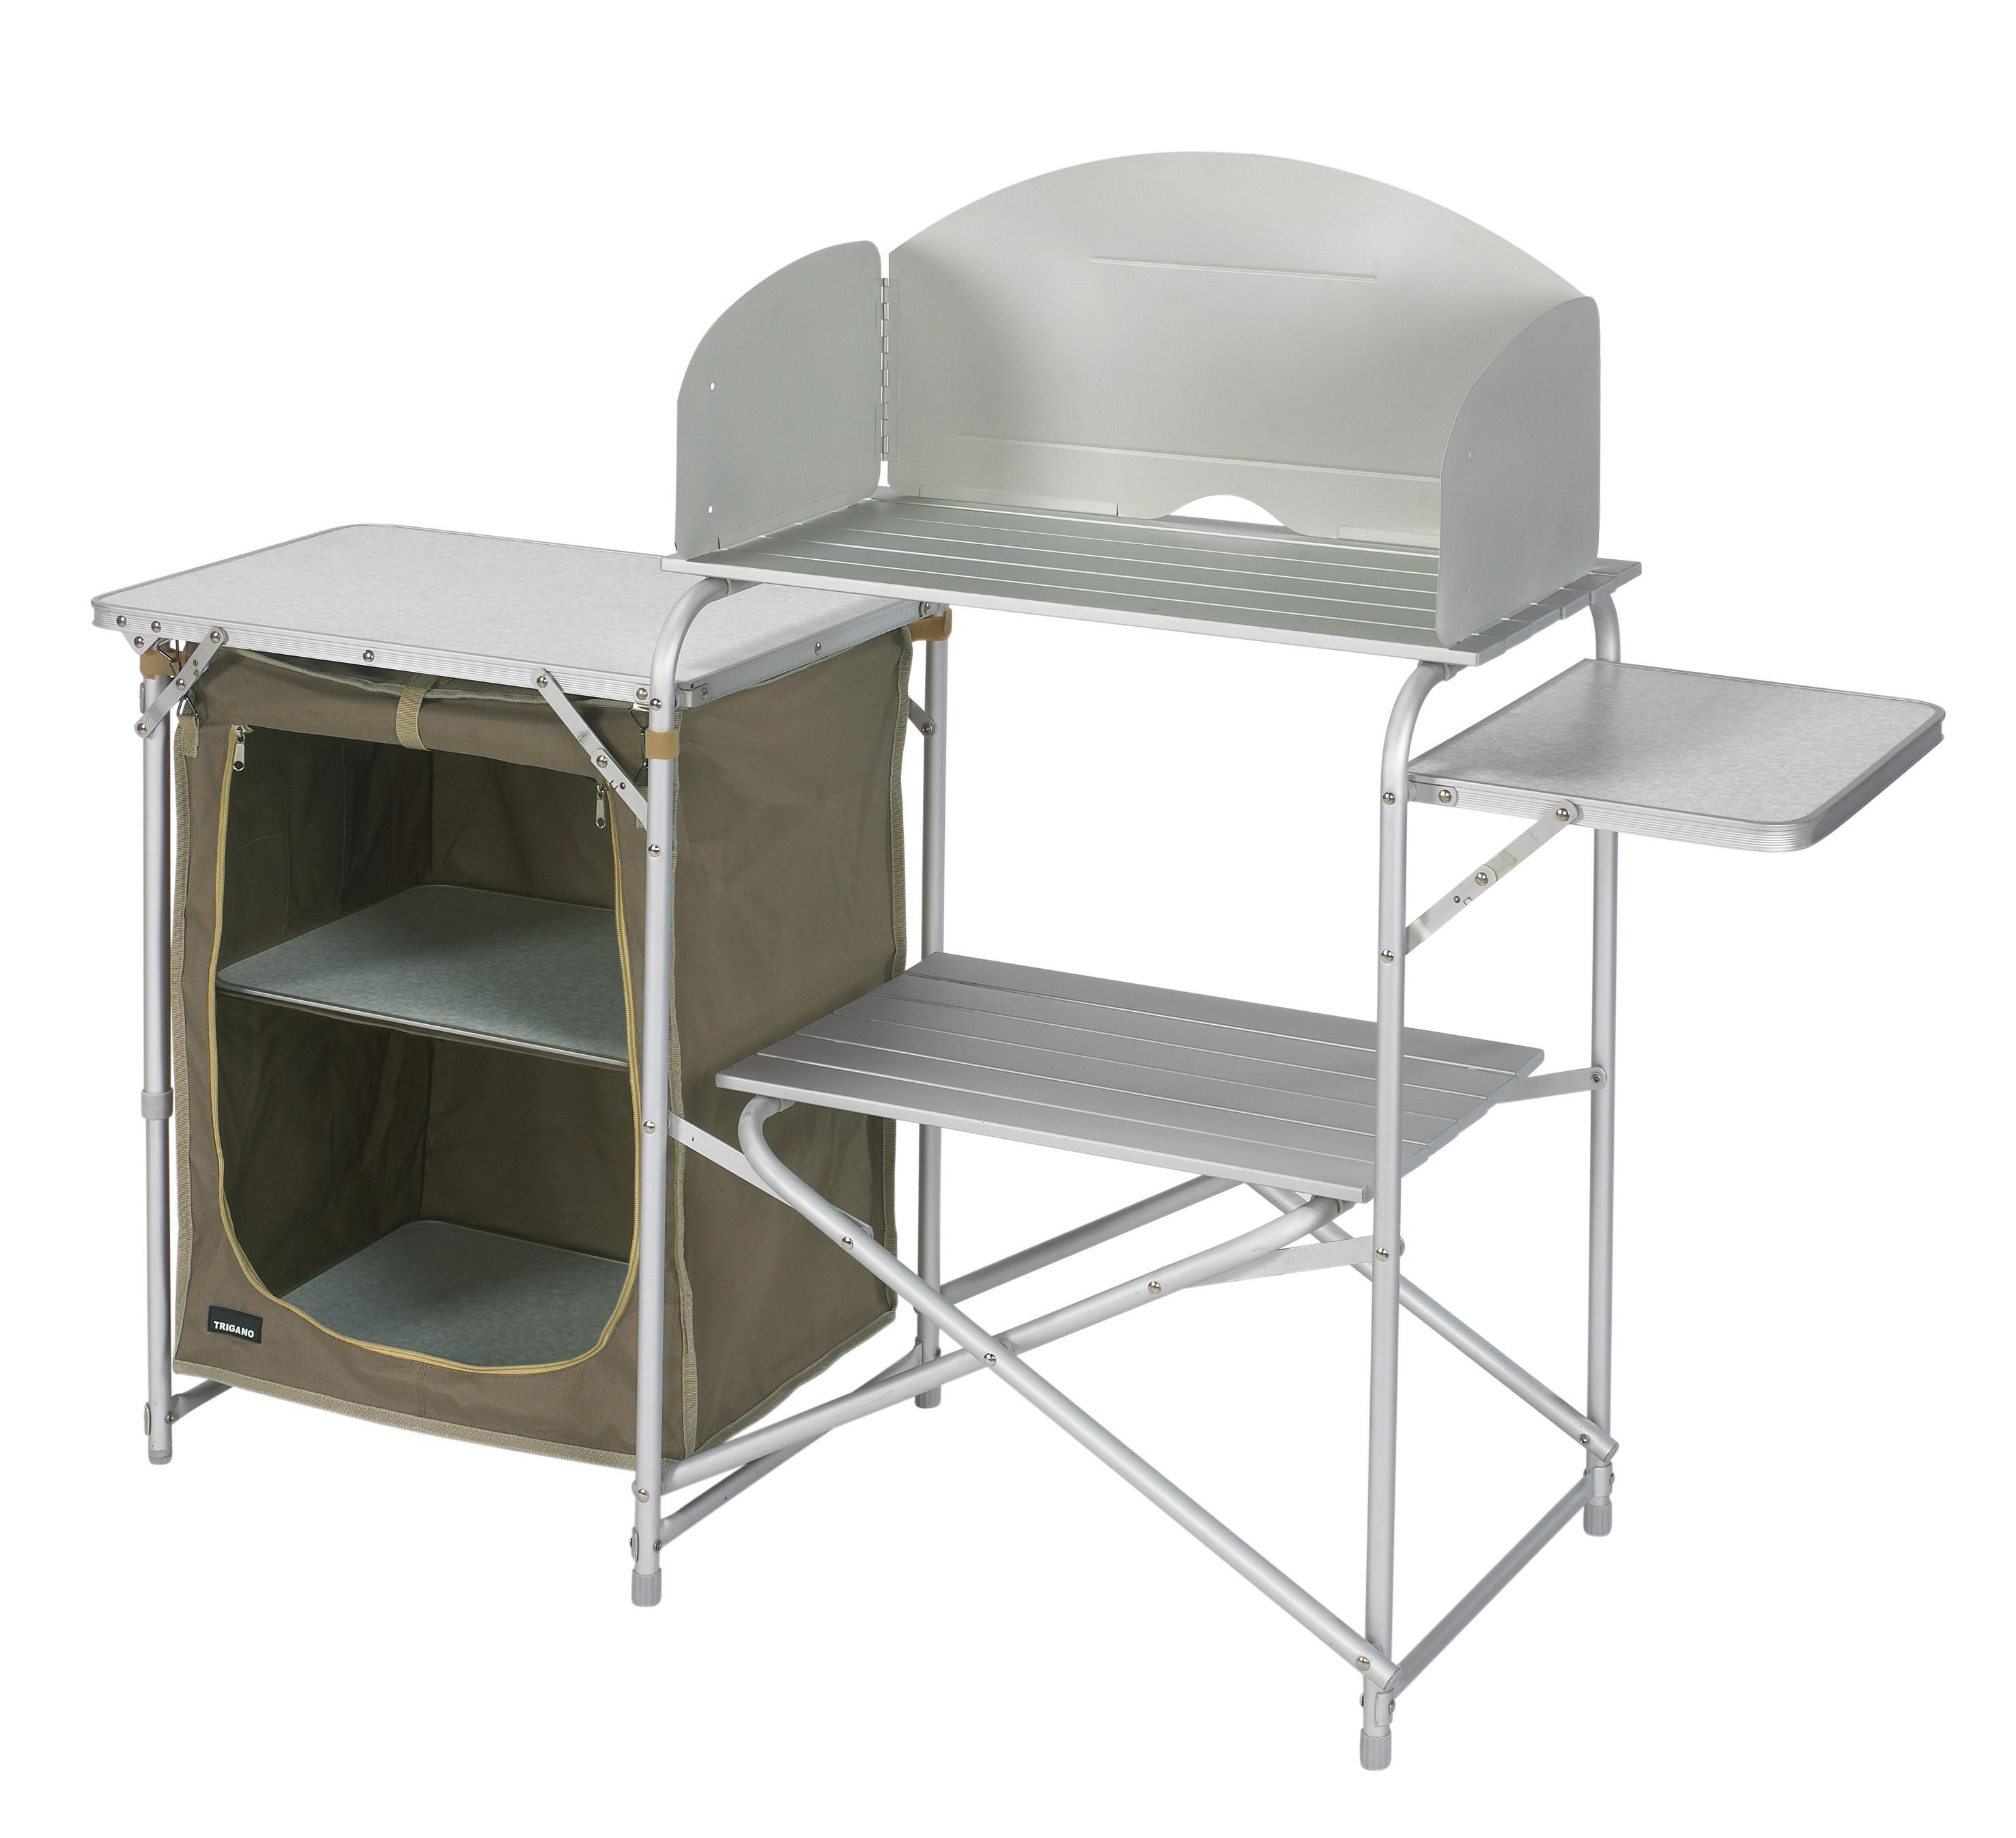 meuble cuisine avec desserte m m047c50 boutique supermarket caravanes vente de mobilier de. Black Bedroom Furniture Sets. Home Design Ideas